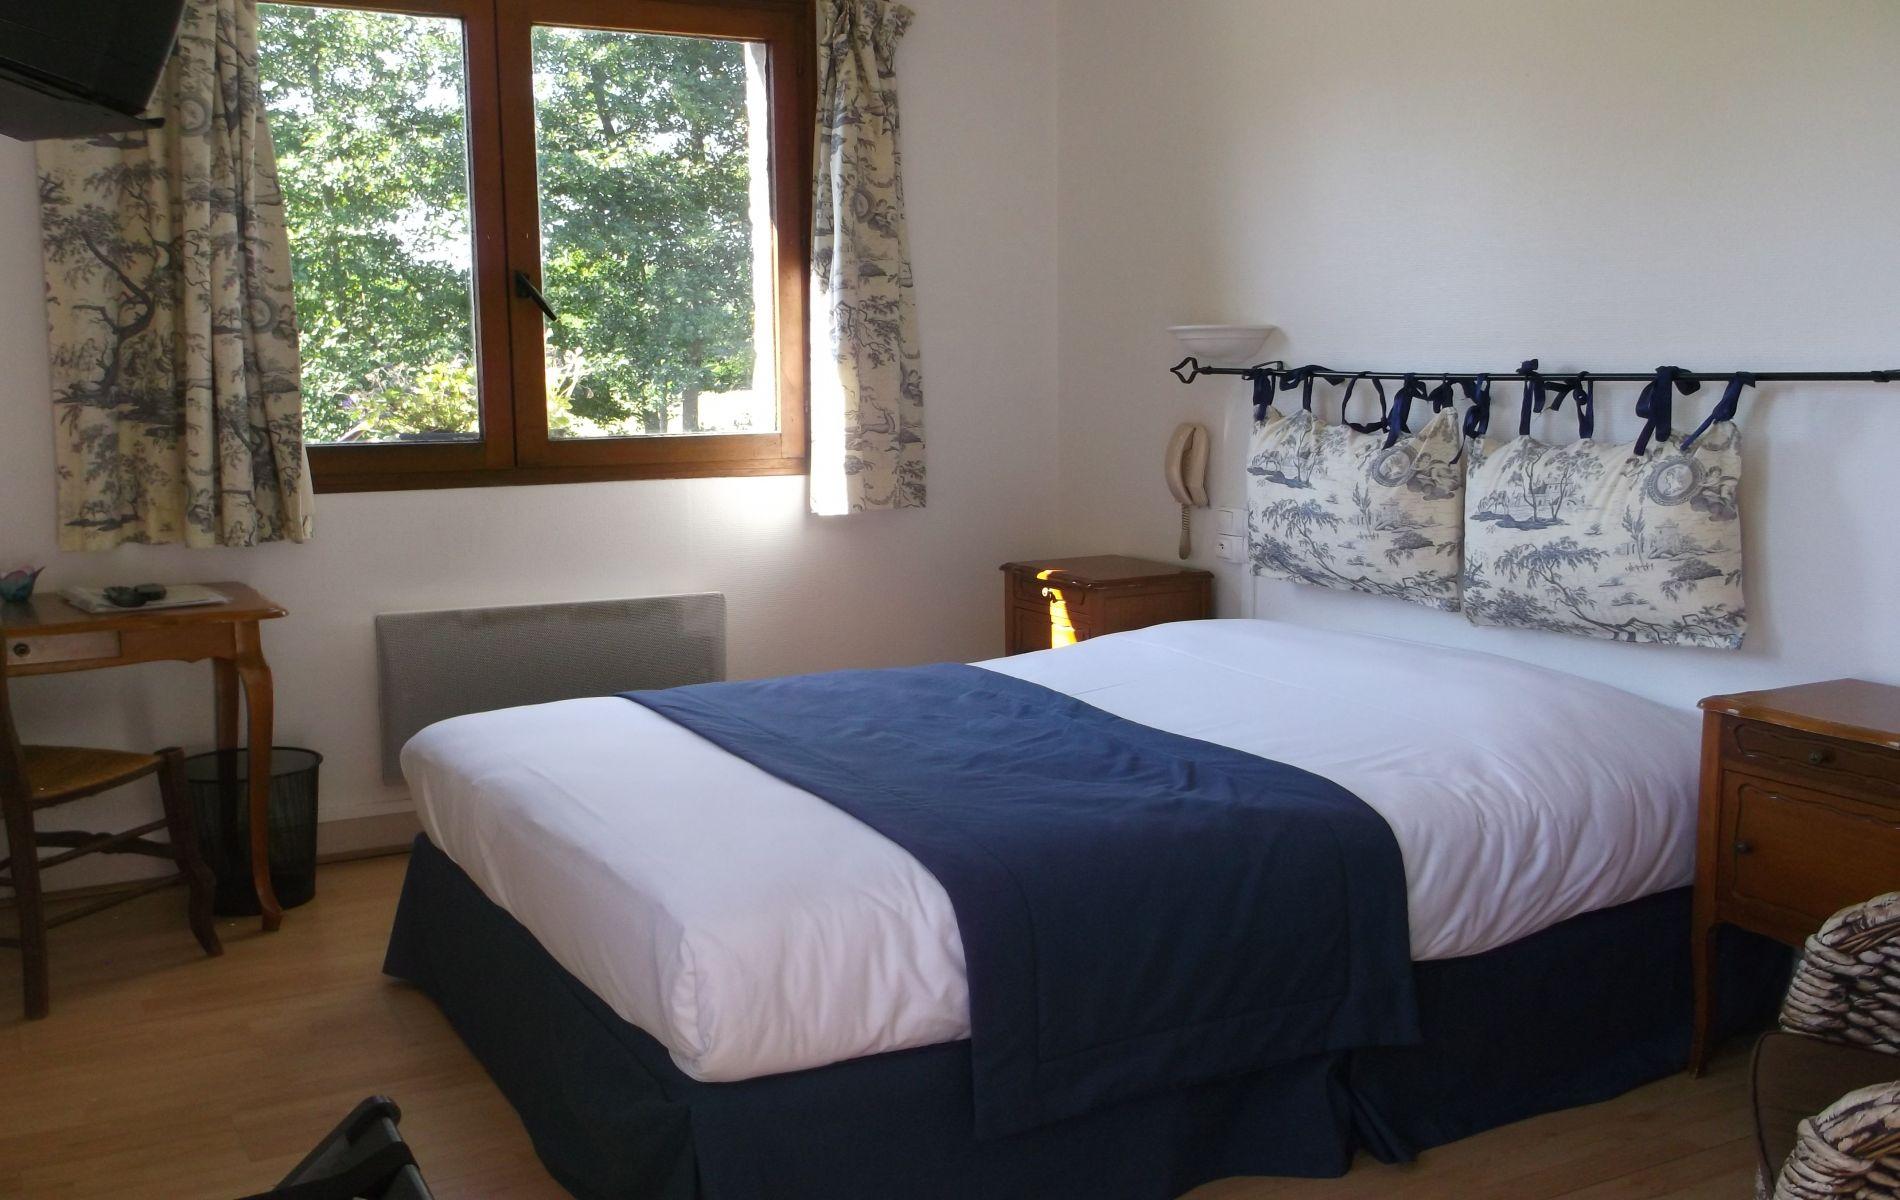 chambre double rdc de l'hotel saint martin pont l'eveque